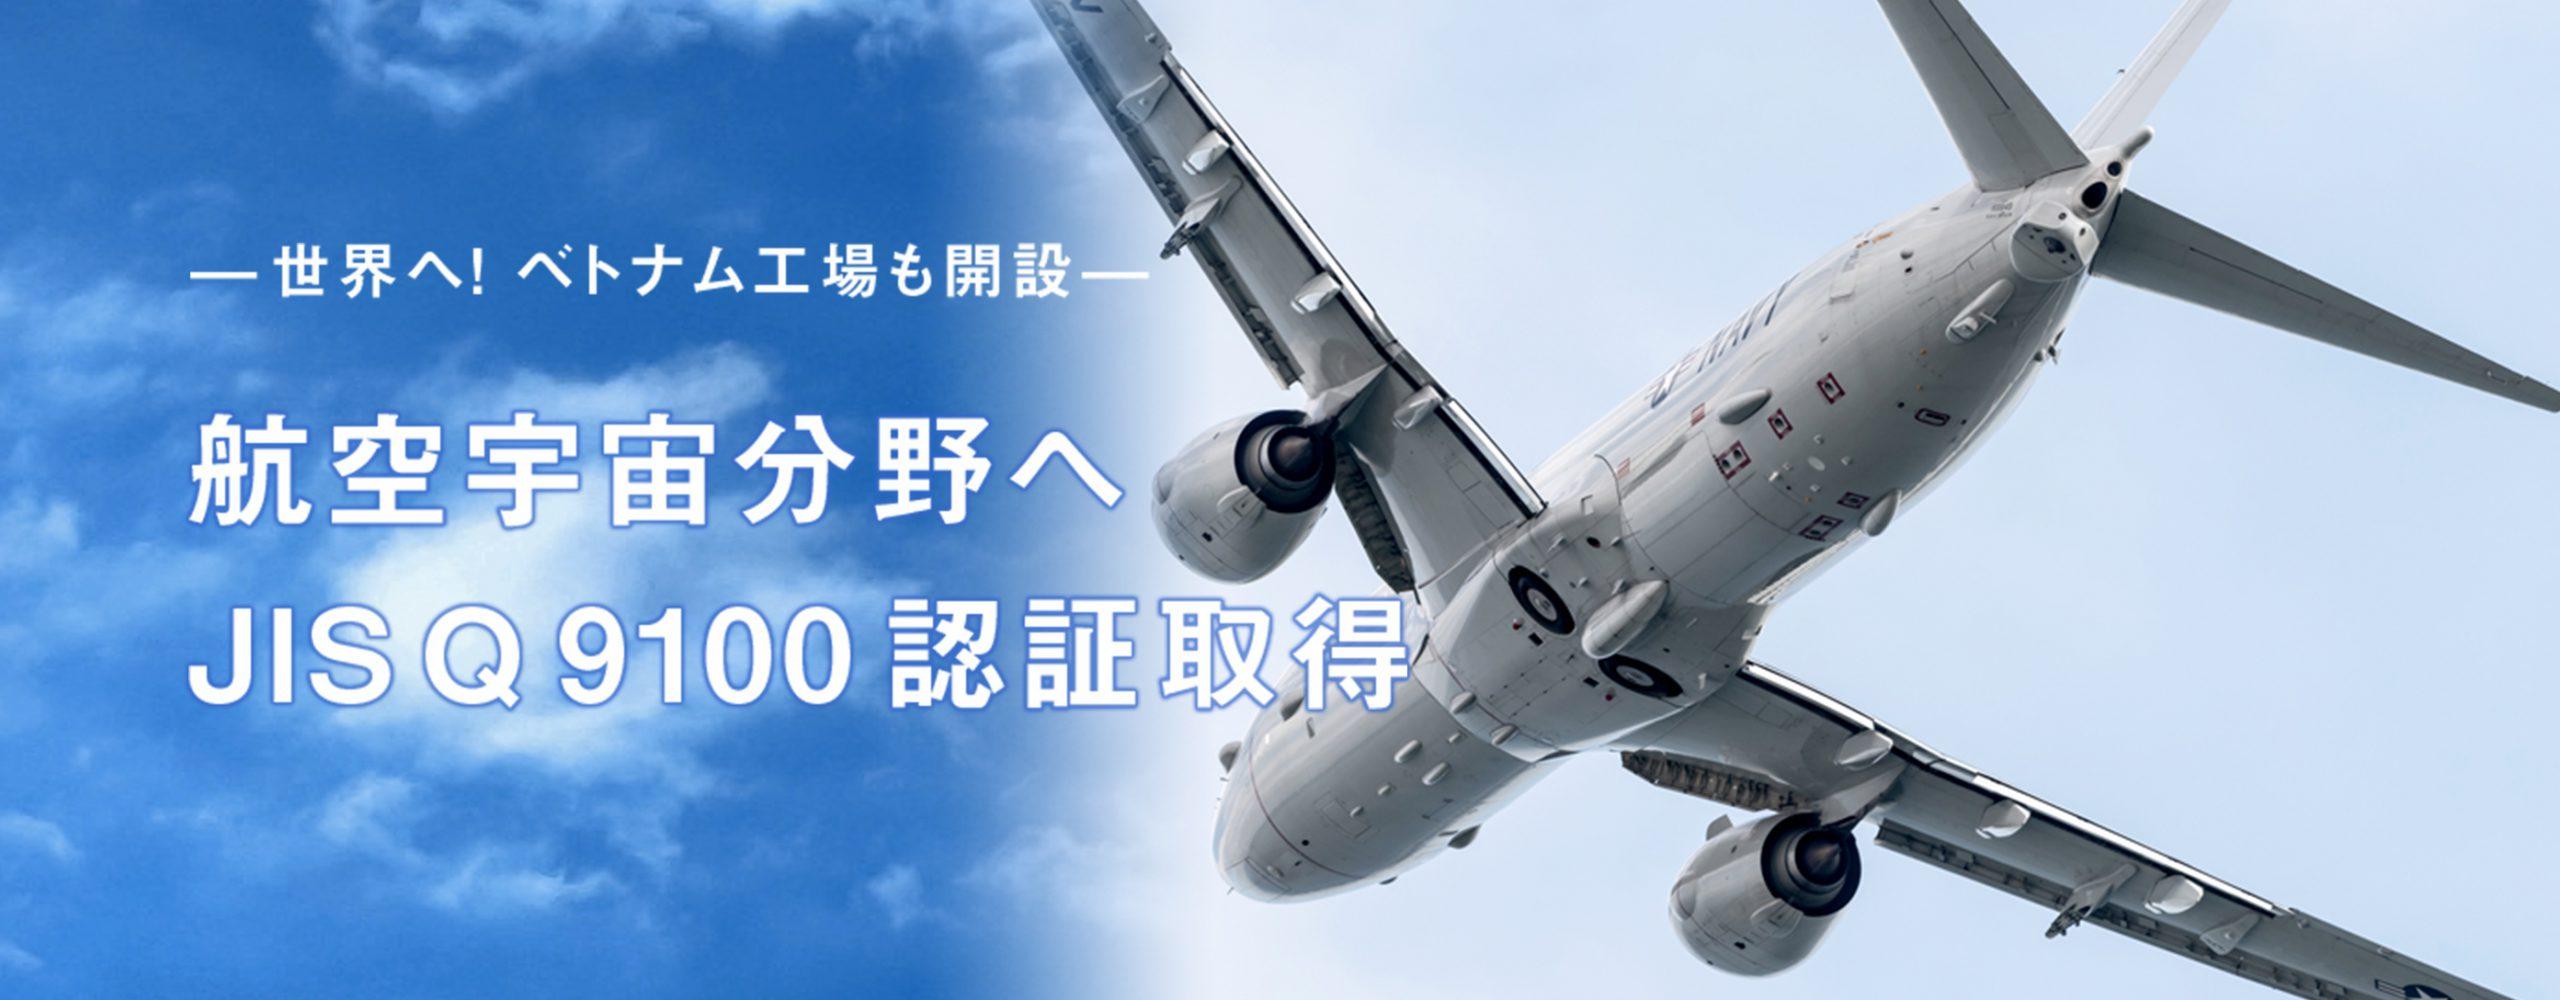 世界へ!ベトナム工場も開設。航空宇宙分野へJIS Q 9100認証取得